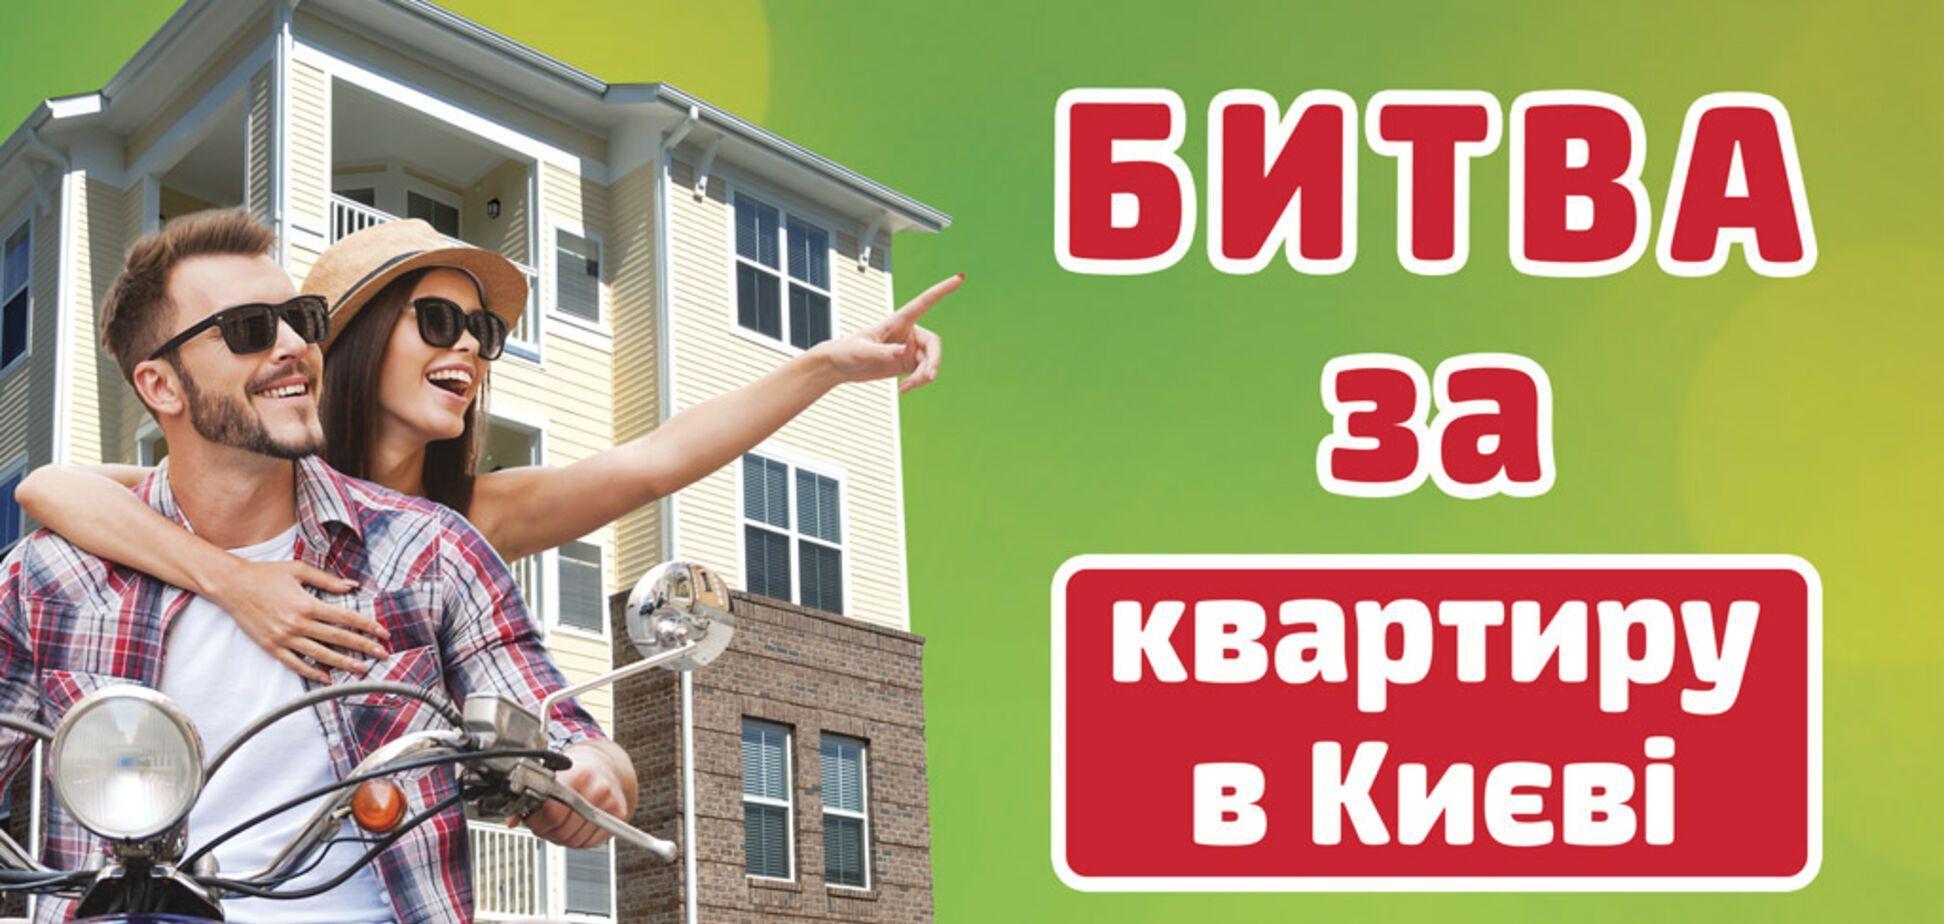 Битва за квартиру в Києві